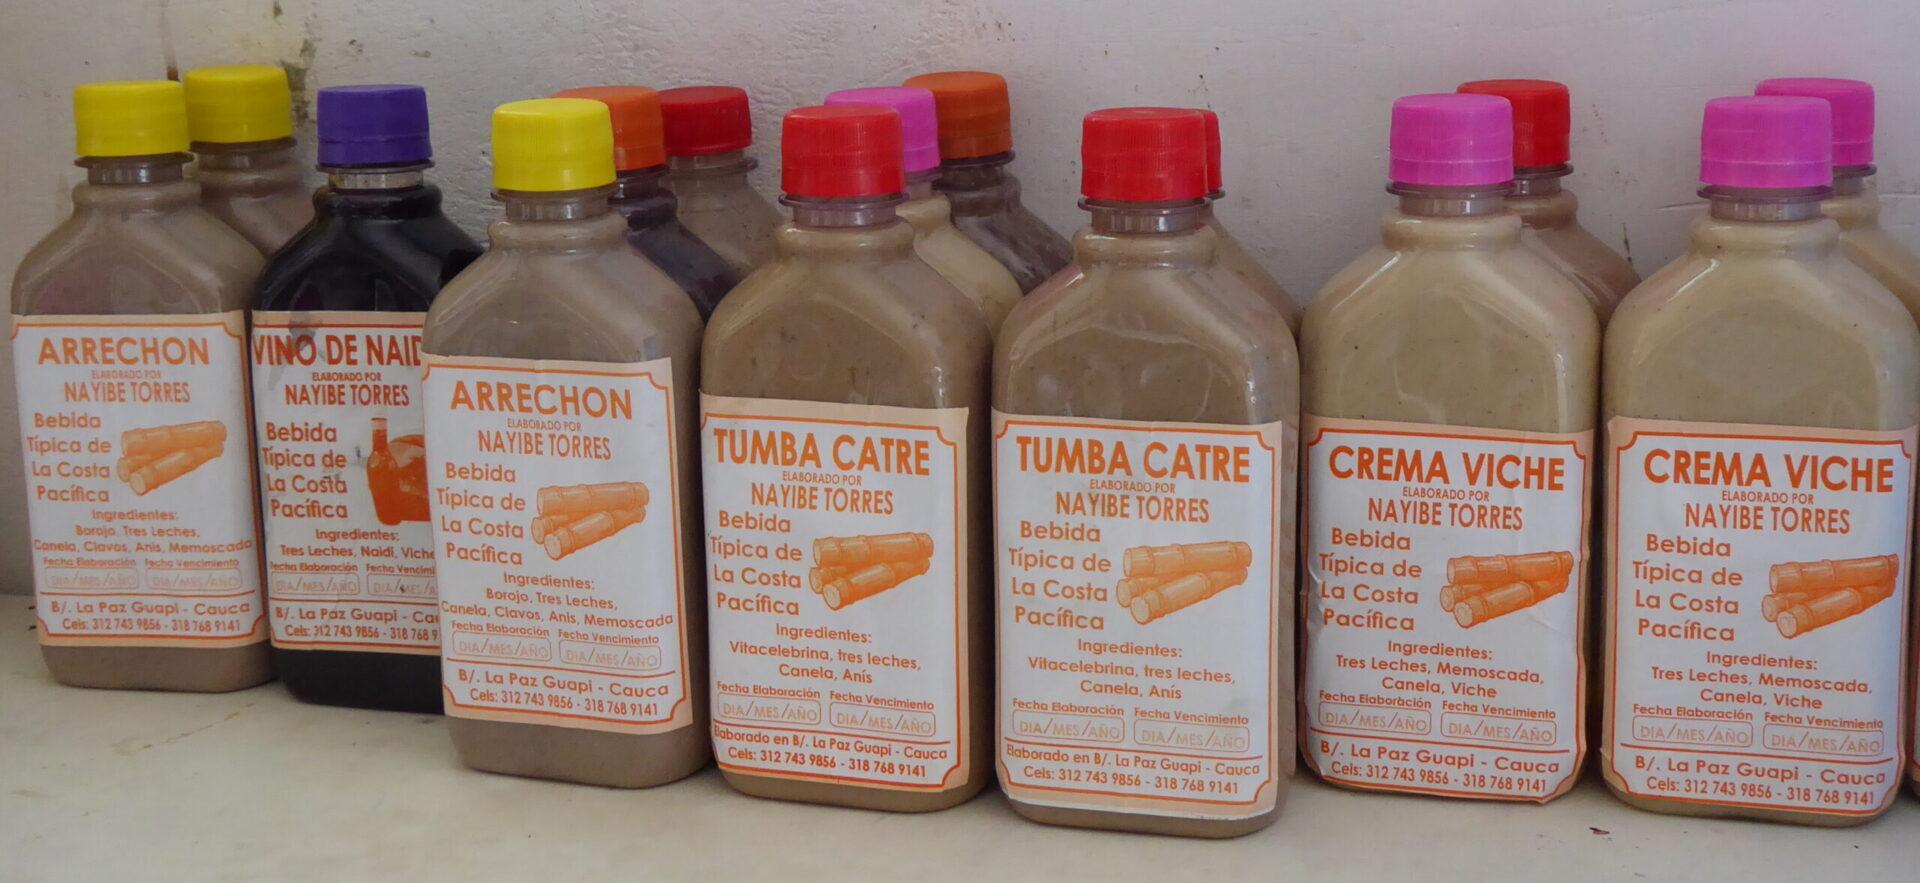 Bebidas tradicionales de Guapi preparadas por Nayibe Torres